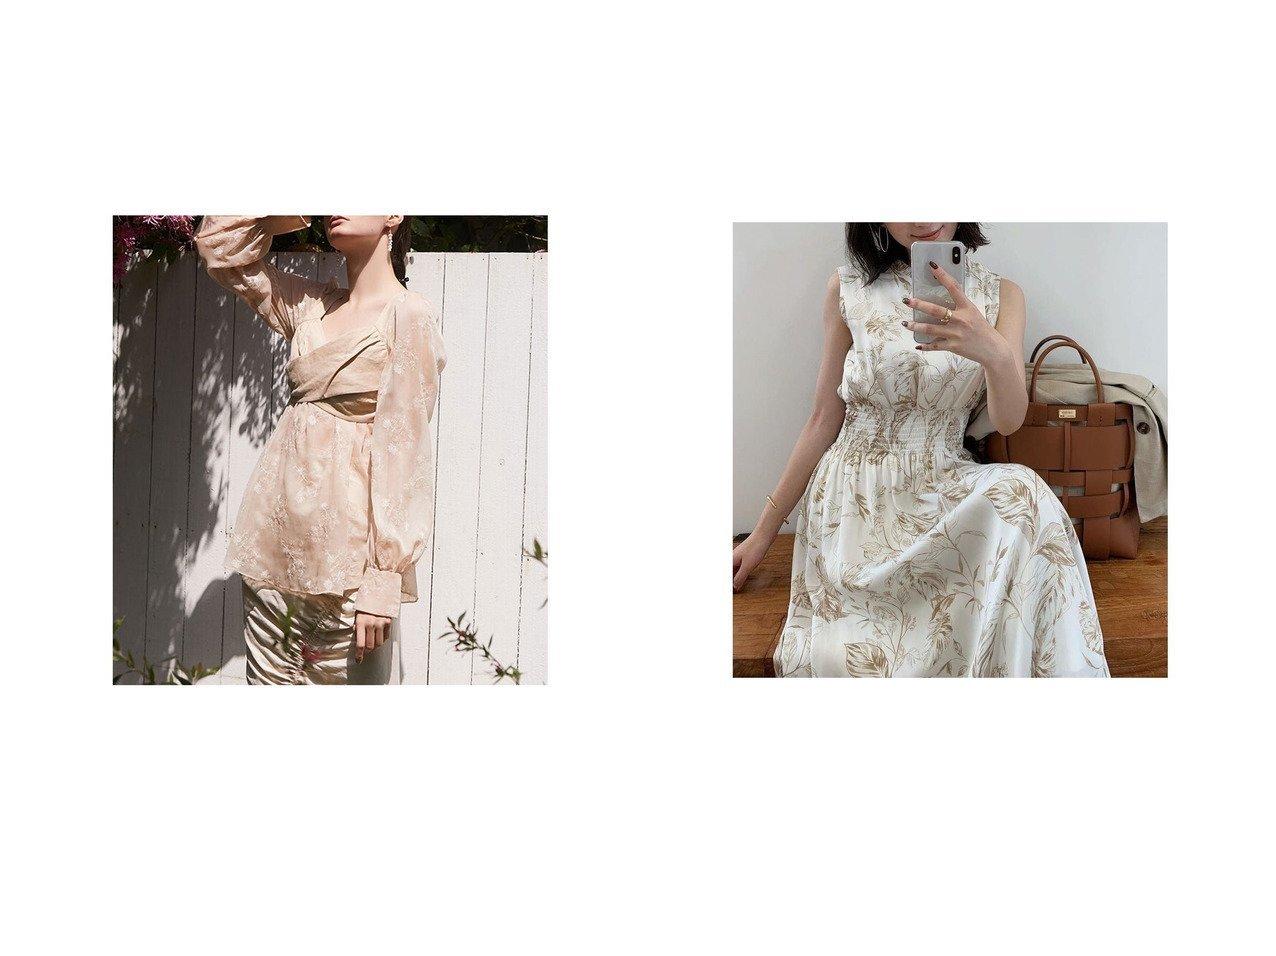 【anuans/アニュアンス】のリーフパターンスタンドカラーワンピース&【eimy istoire/エイミーイストワール】のエンブロイダリーリネンビスチェブラウス おすすめ!人気、トレンド・レディースファッションの通販 おすすめで人気の流行・トレンド、ファッションの通販商品 インテリア・家具・メンズファッション・キッズファッション・レディースファッション・服の通販 founy(ファニー) https://founy.com/ ファッション Fashion レディースファッション WOMEN ワンピース Dress トップス・カットソー Tops/Tshirt シャツ/ブラウス Shirts/Blouses ビスチェ Bustier ギャザー シャーリング フィット フレア プリント リーフ シアー シフォン デニム ドッキング |ID:crp329100000047975